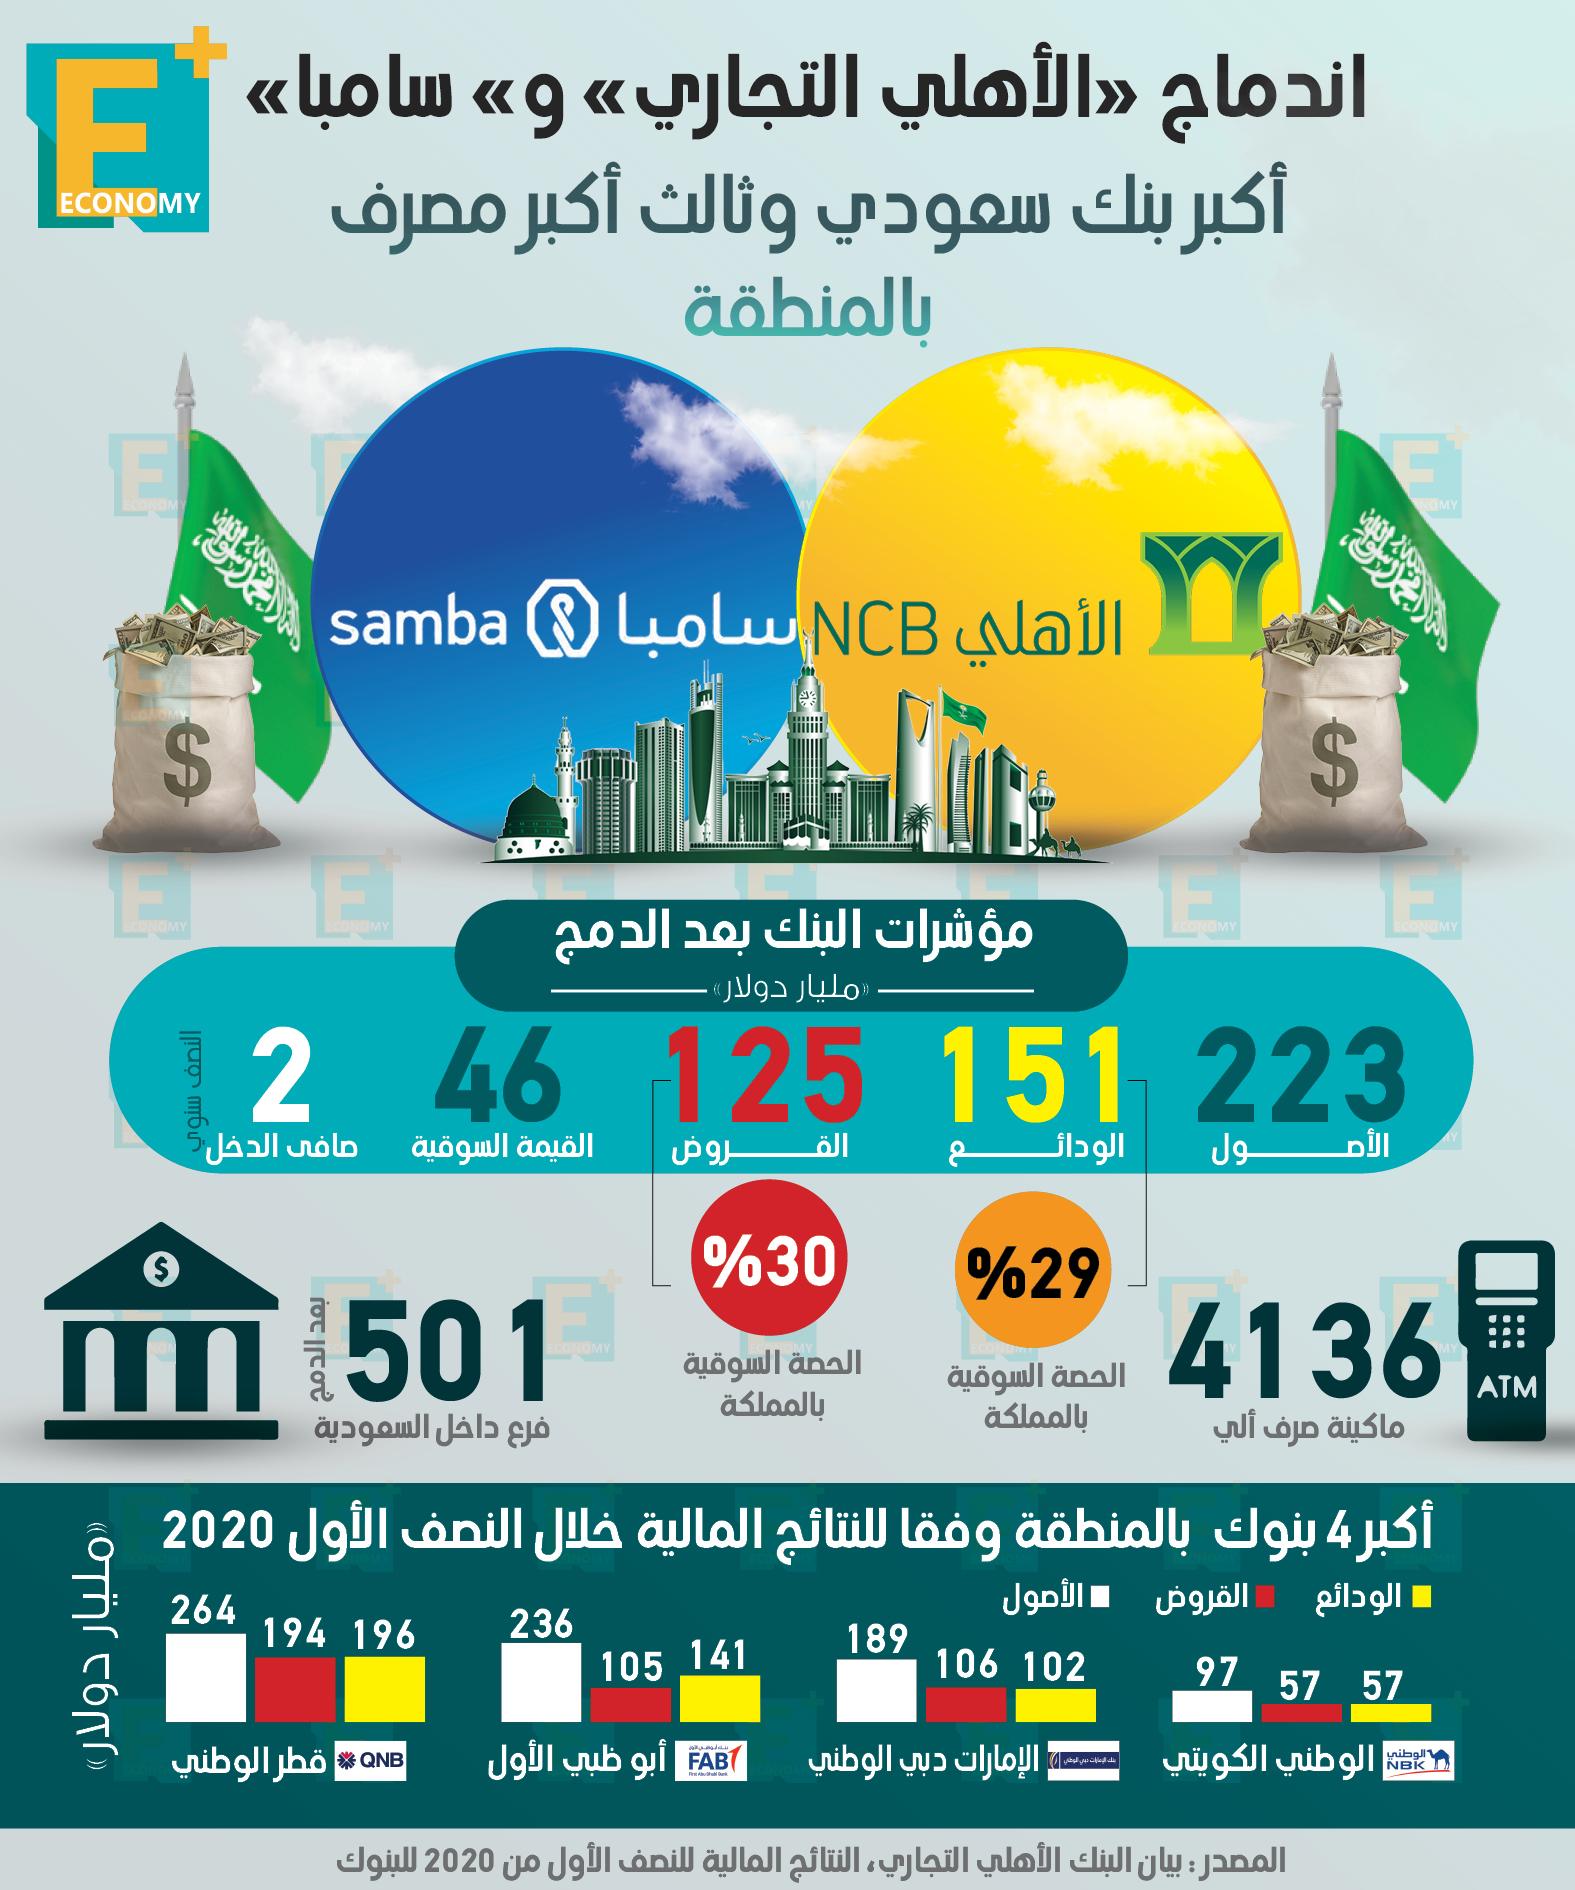 """اندماج """"الأهلي التجاري"""" و """"سامبا"""" أكبر بنك سعودي وثالث أكبر مصرف بالمنطقة"""